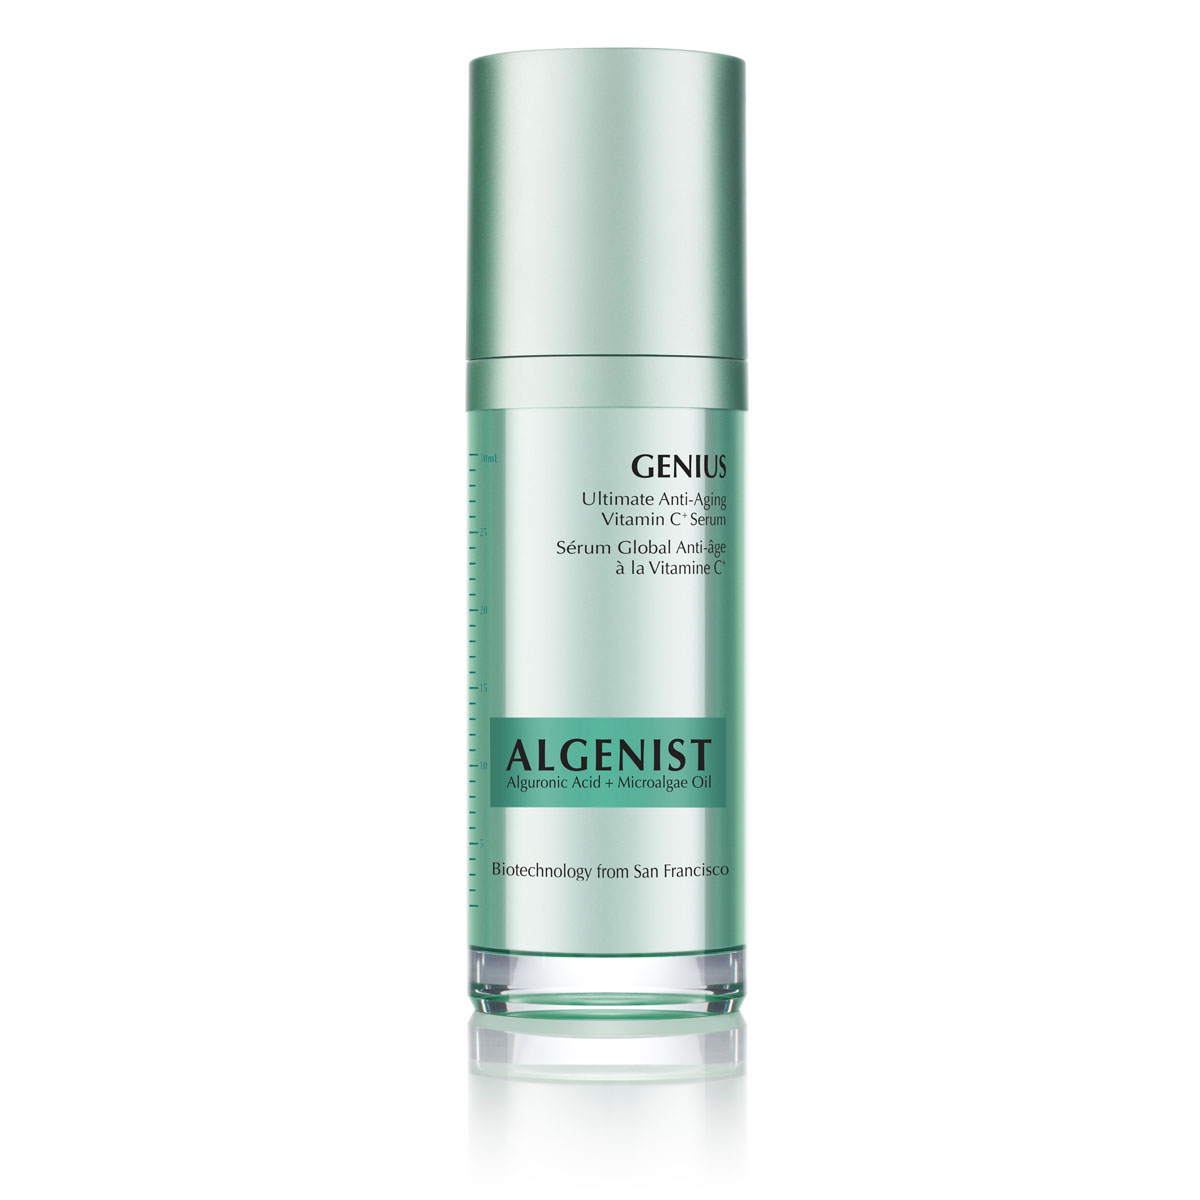 Algenist Genius Ultimate Anti-Aging Vitamin C+ Serum, 30 ml